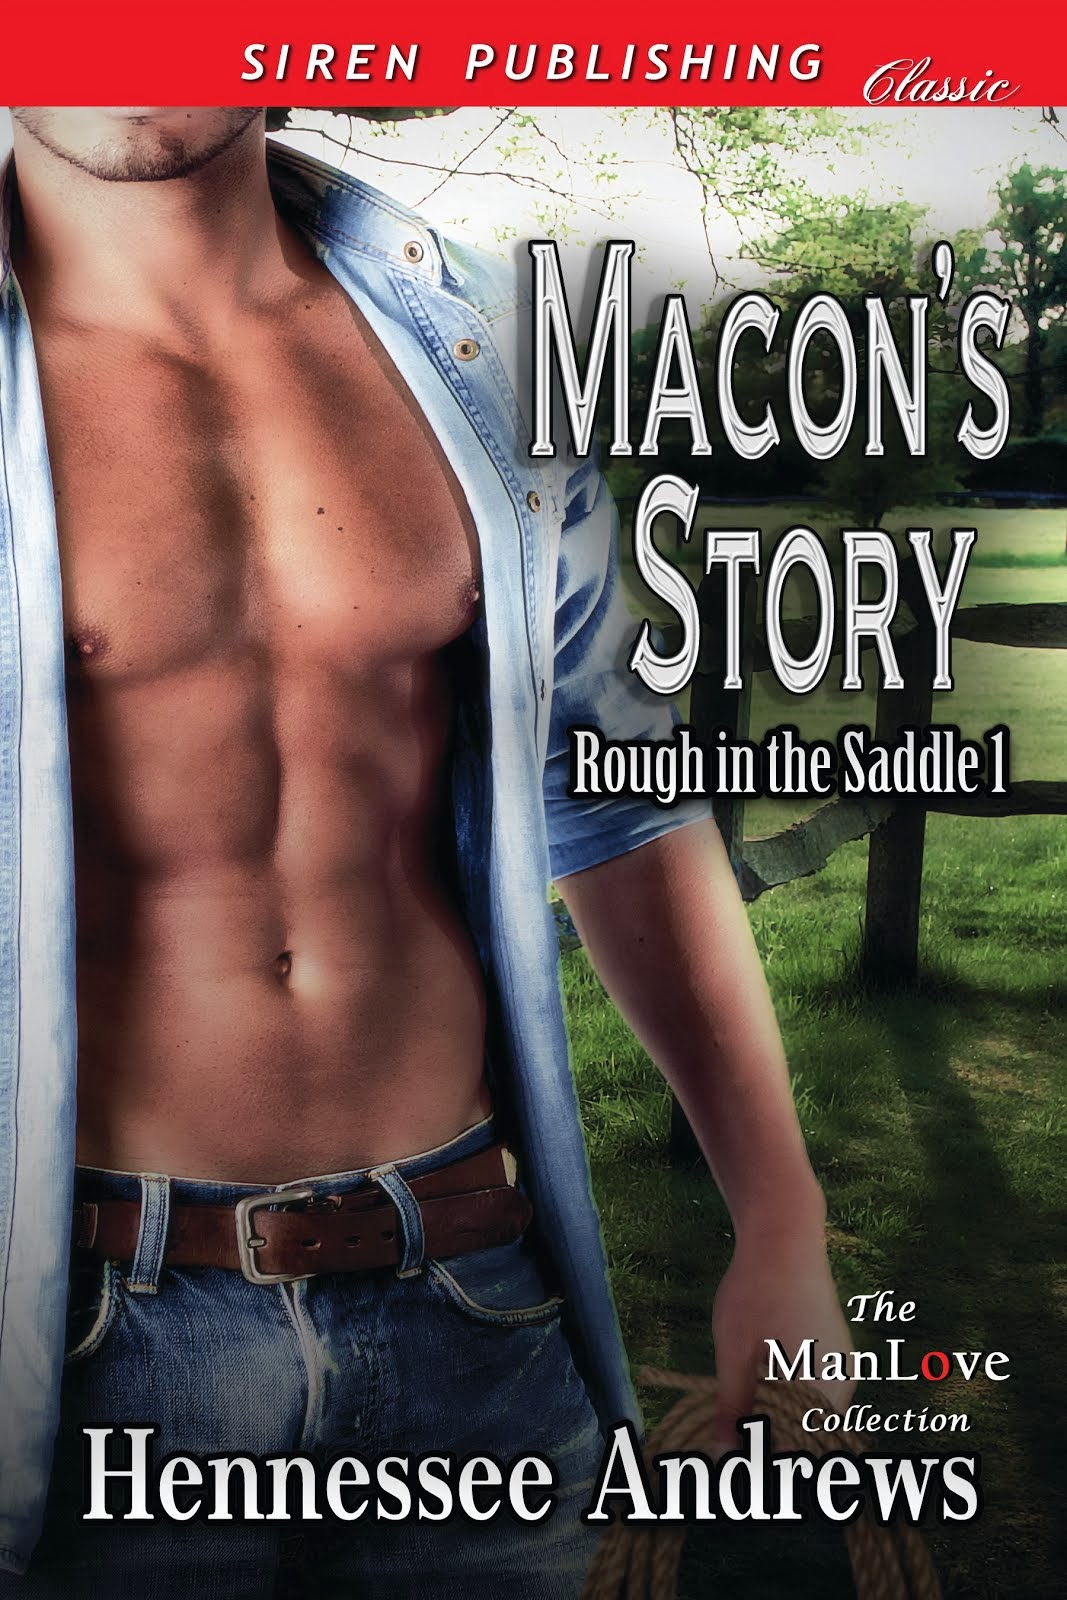 Macon's Story